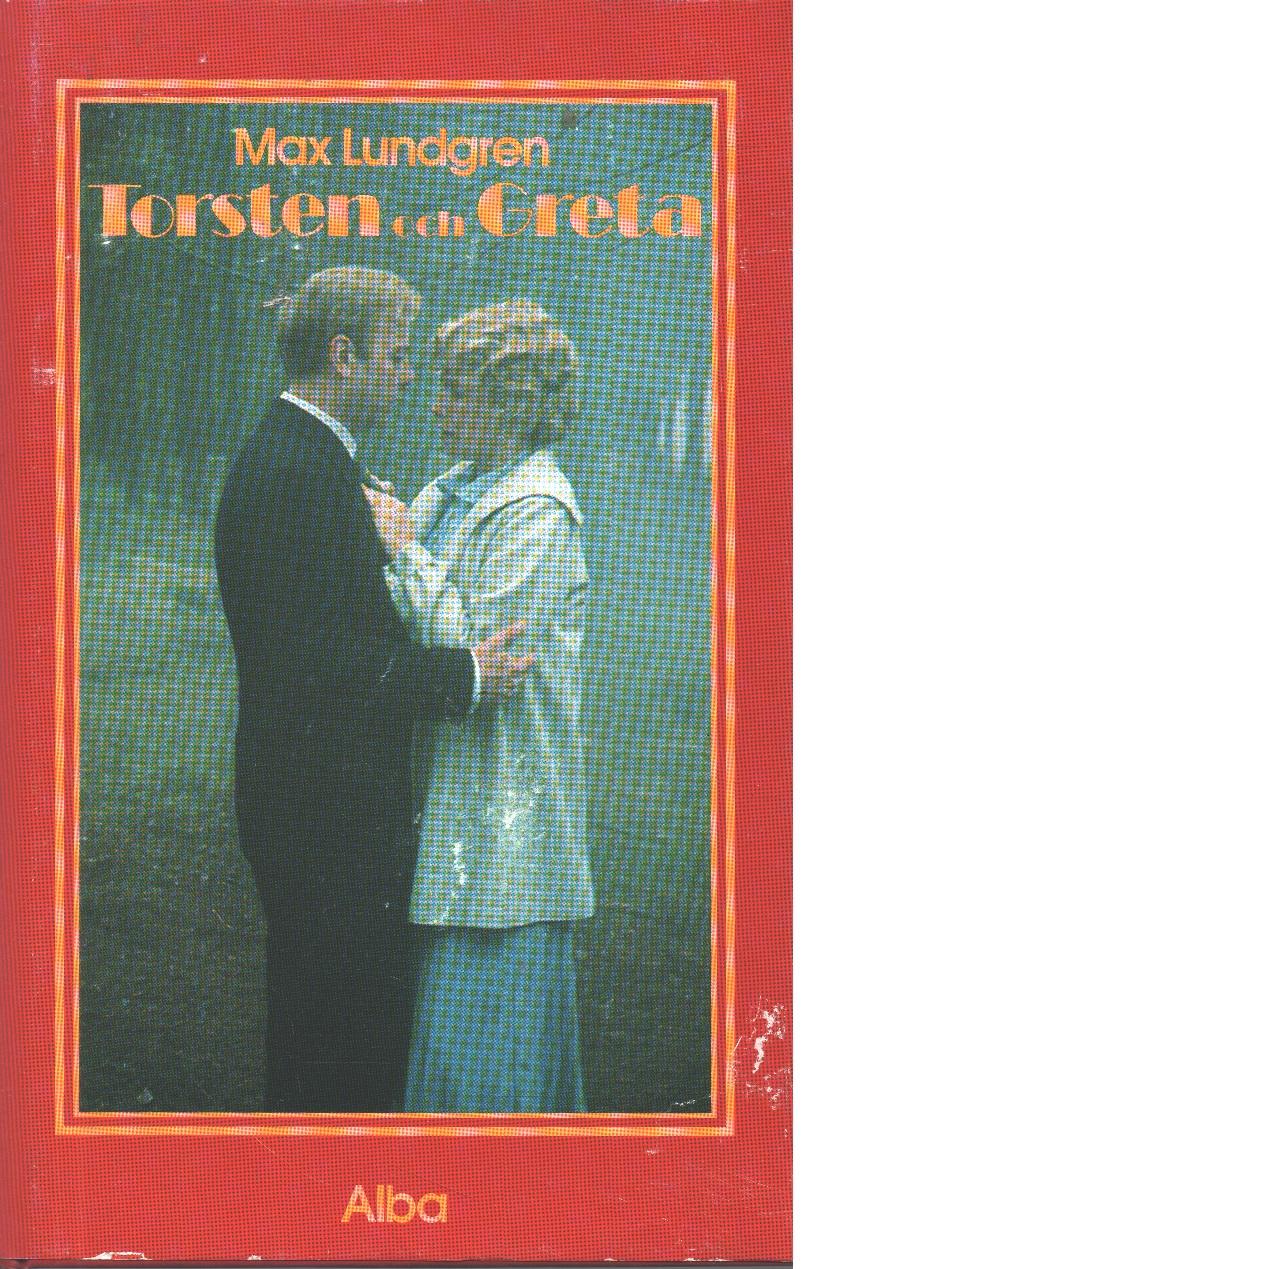 Torsten och Greta - Lundgren, Max